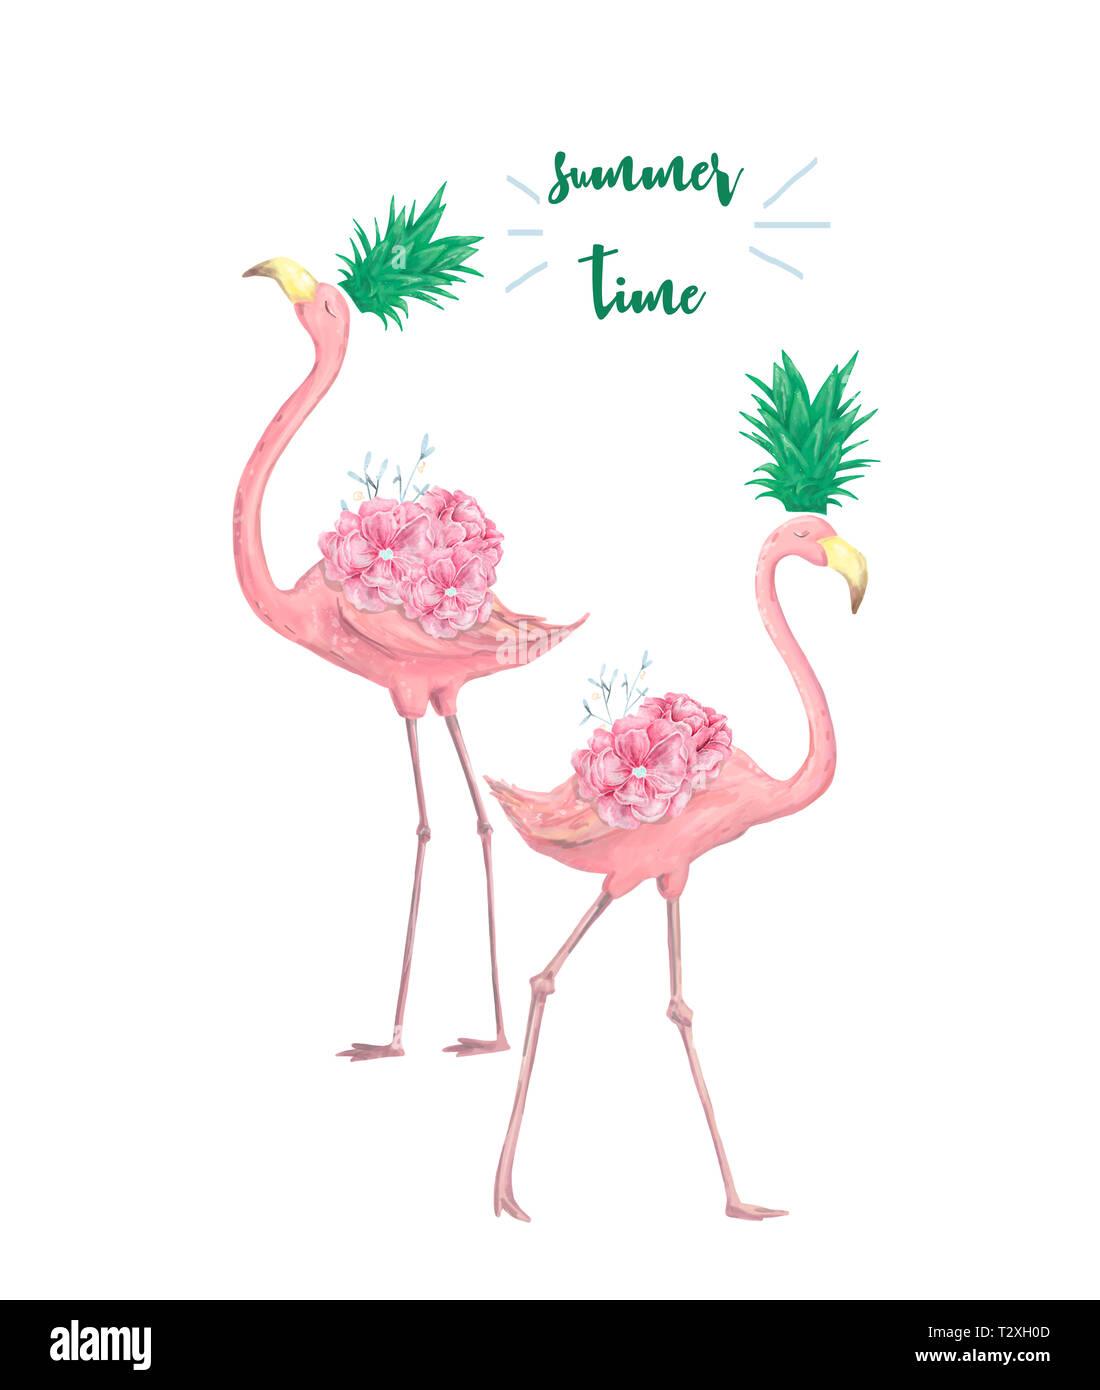 Quelques Flamands Roses Imprimer Tropical Pour Invitation Anniversaire Fete Carte De Souhaits Illustration Photo Stock Alamy